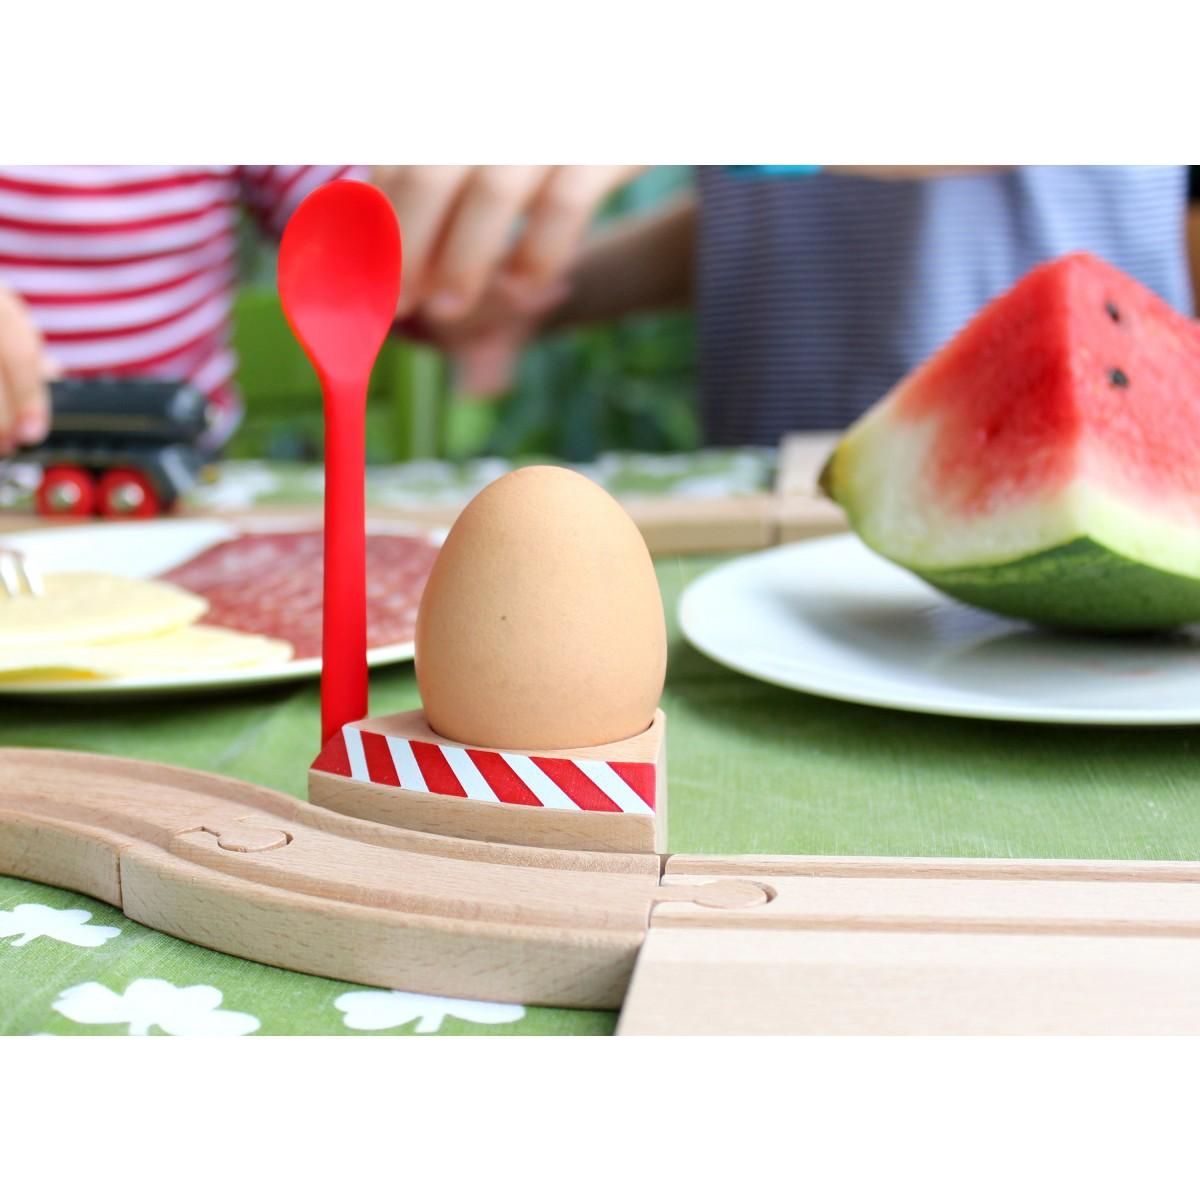 Eierbecher mit Schranke